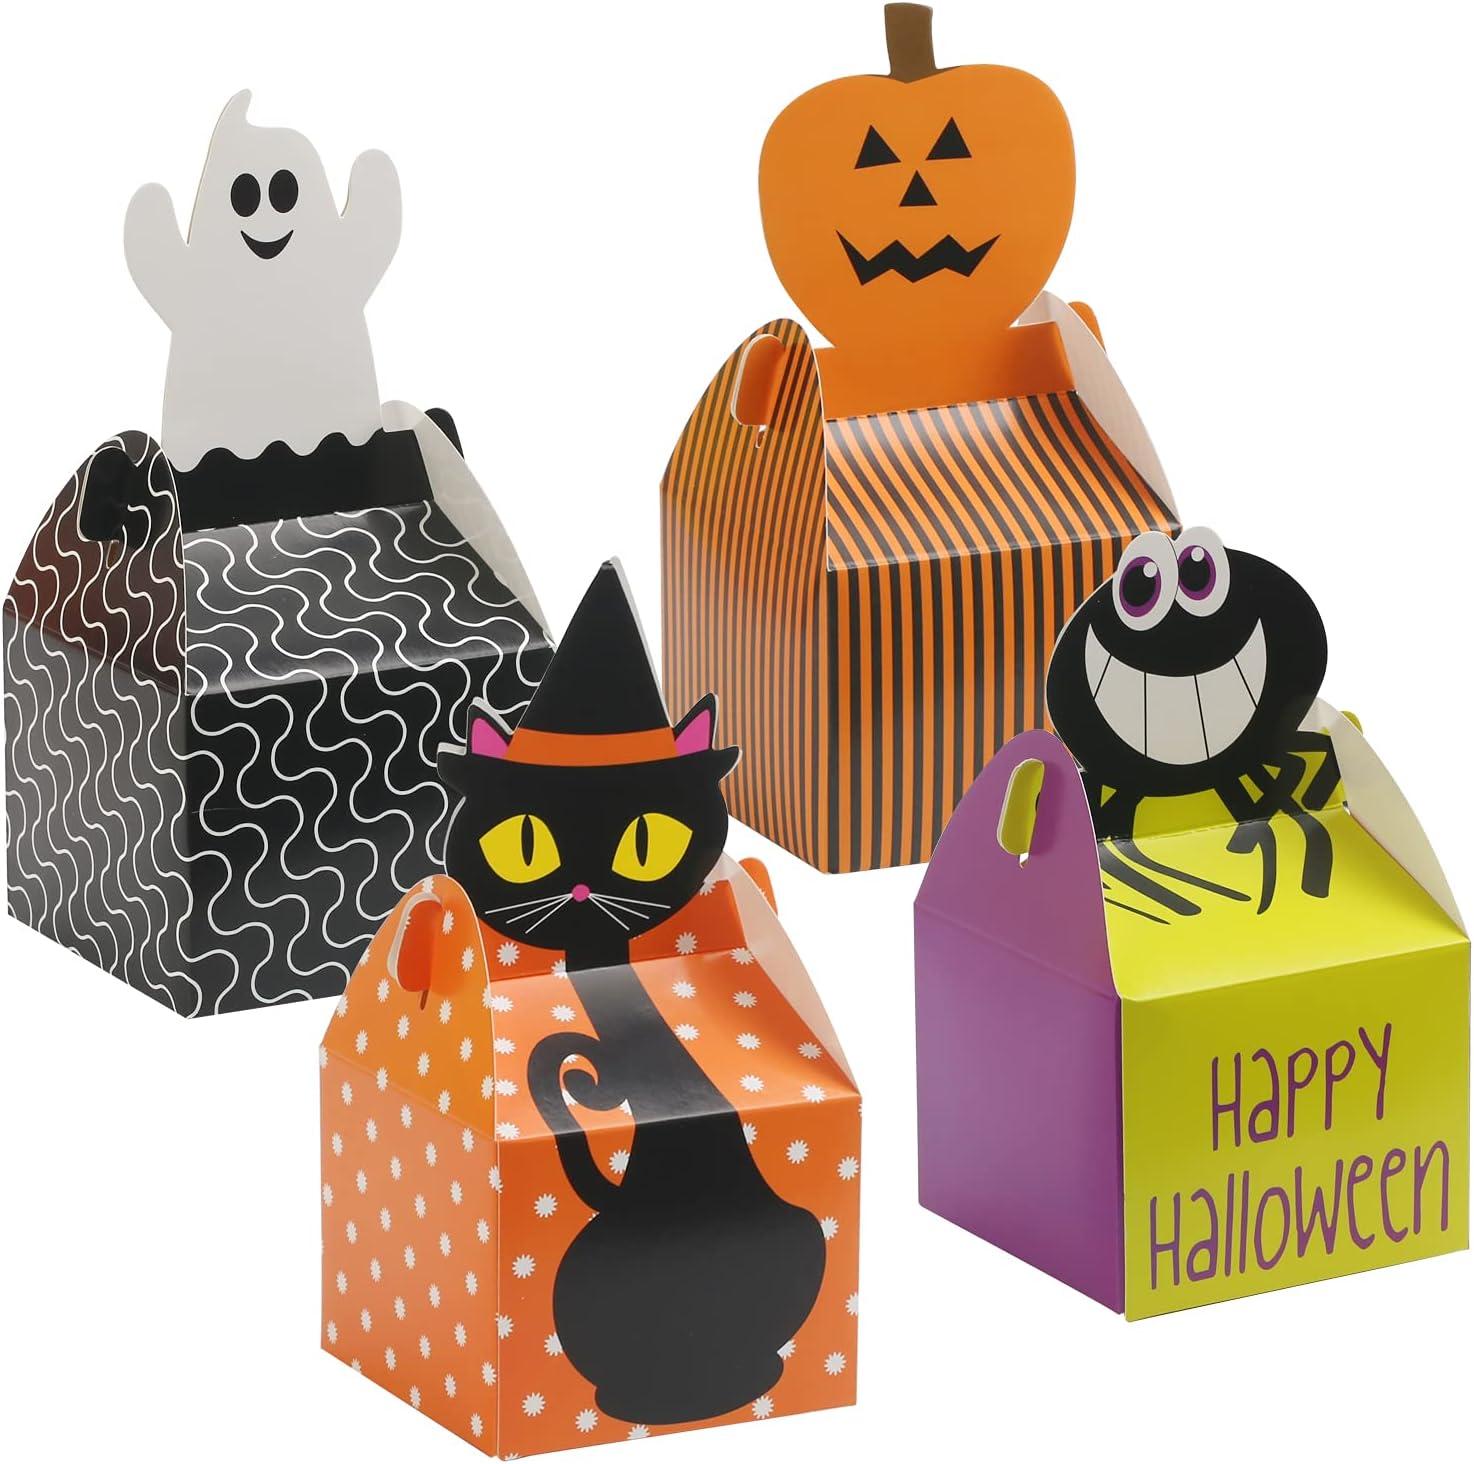 WEDNOK 24 Cajas de Galletas de Dulces de Halloween, Caja de Dulces de Halloween, Cajas de Regalo de Papel de Halloween, Dulces de Chocolate, Dulces, Regalo de Fiesta de Halloween para Niños